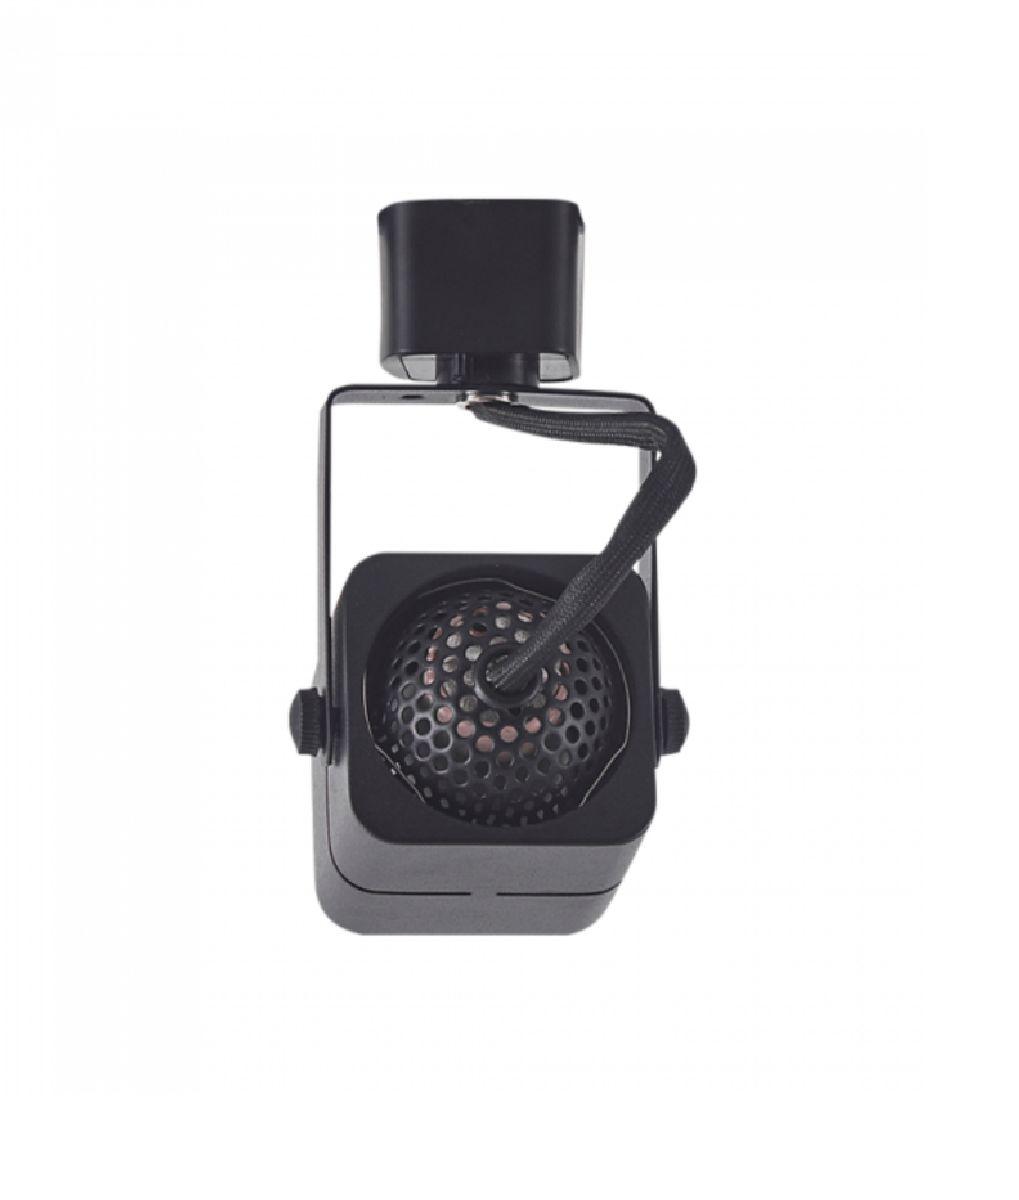 Spot Para Trilho Eletrificado Quadrado Dicroica MR16 / GU10 Nordecor Preto P/ Sala Quarto Cozinha Quadro Bivolt